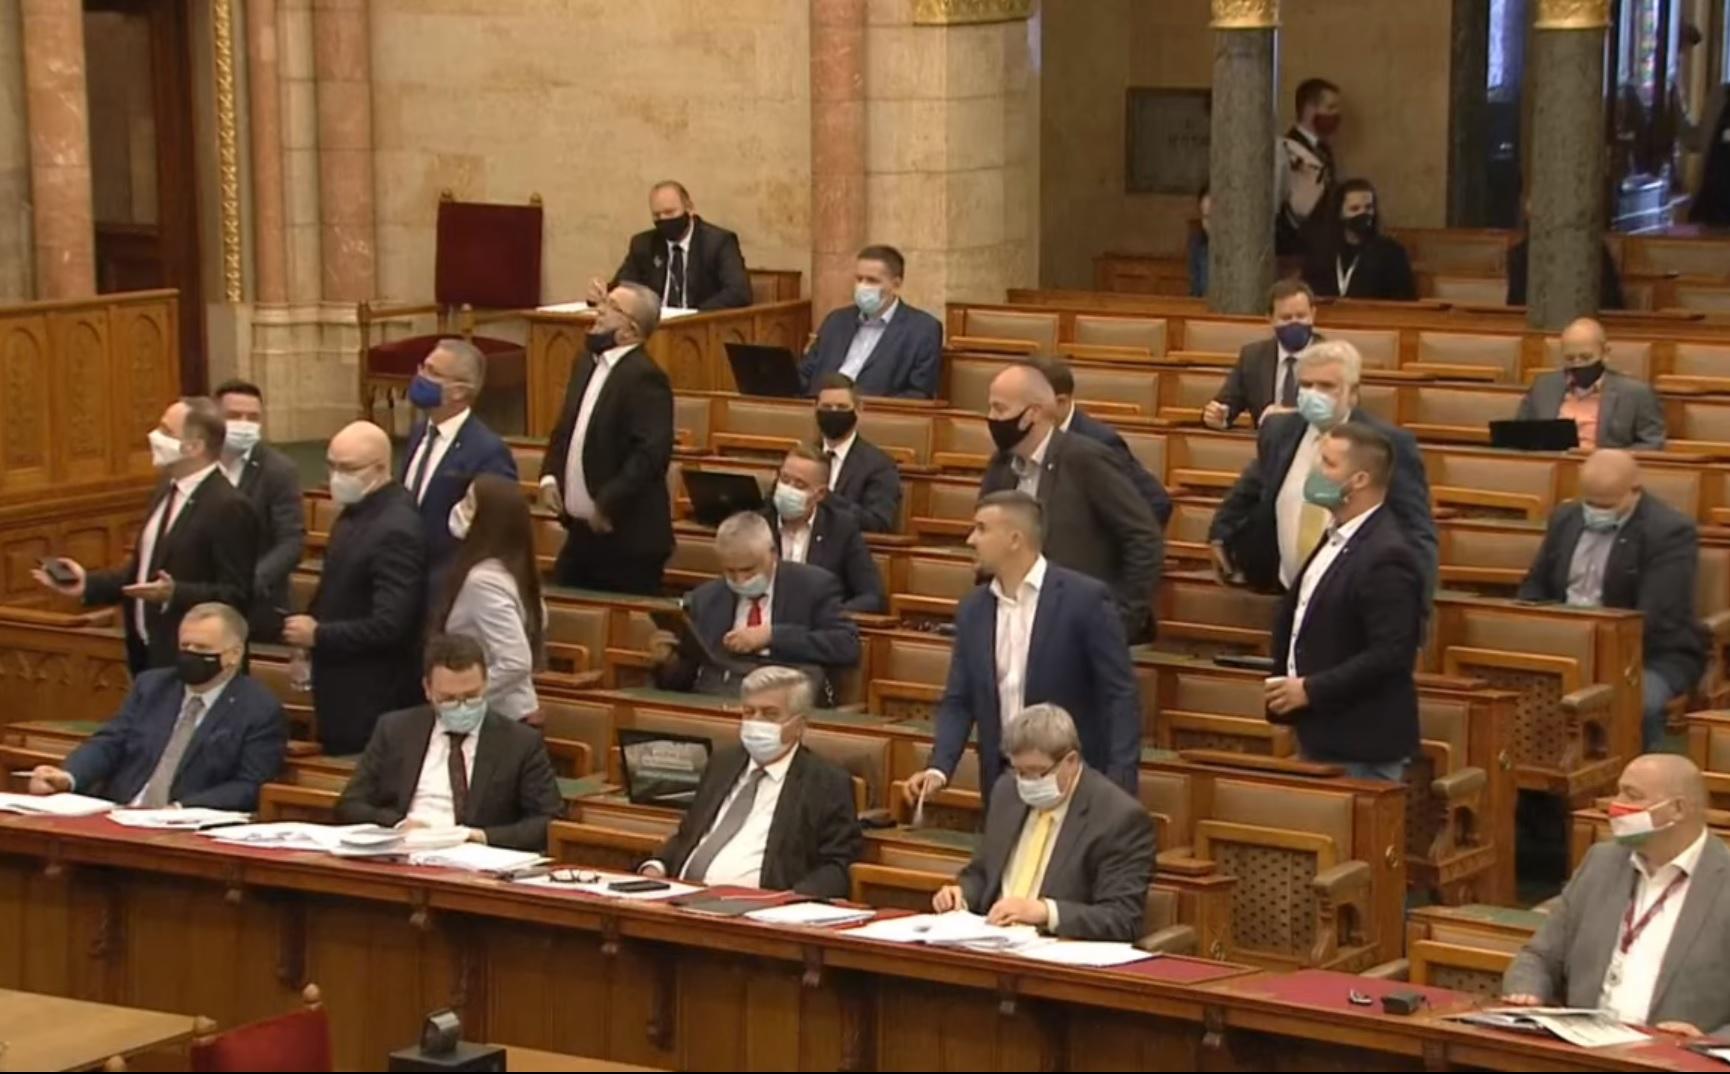 Kövér megint elvette a szót Jakabtól, a Jobbik kivonult az ülésteremből